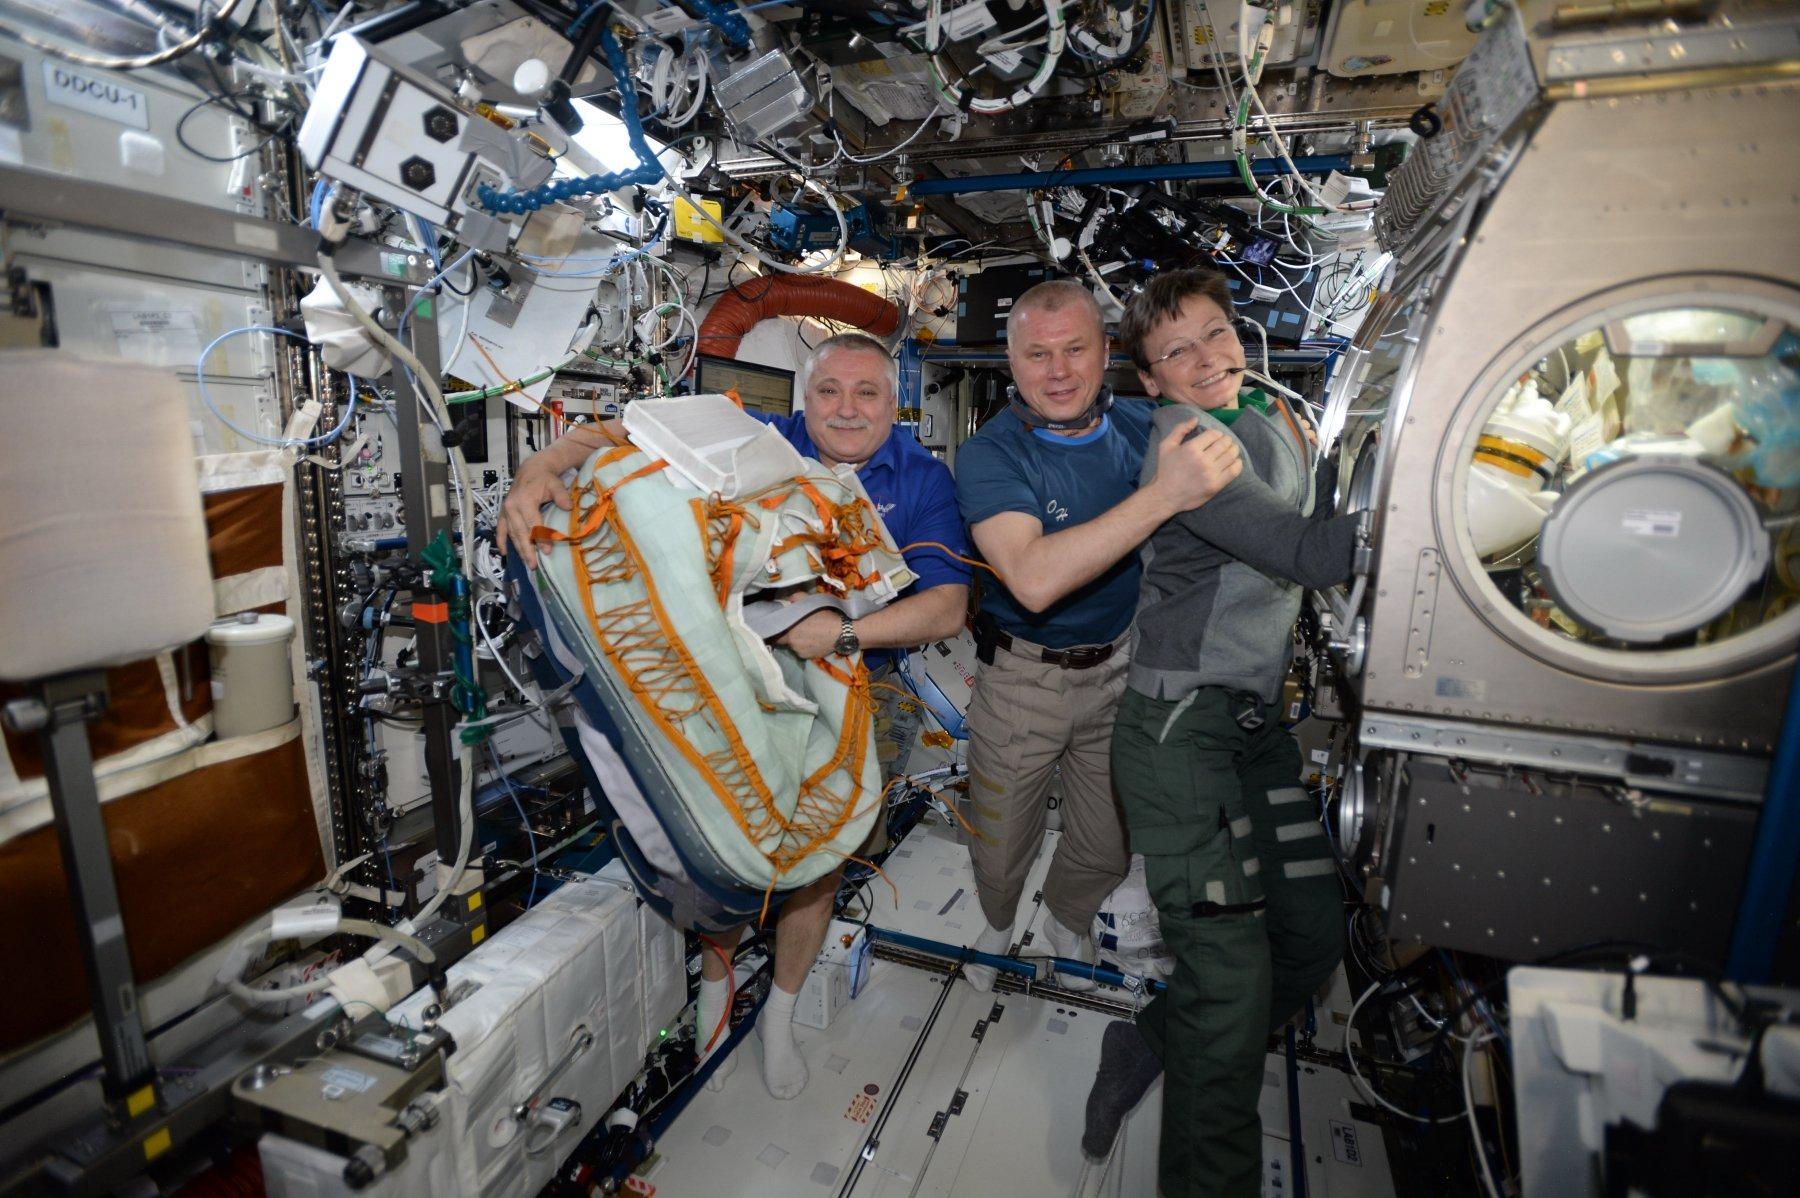 другие космонавты в картинках общаются нами своему